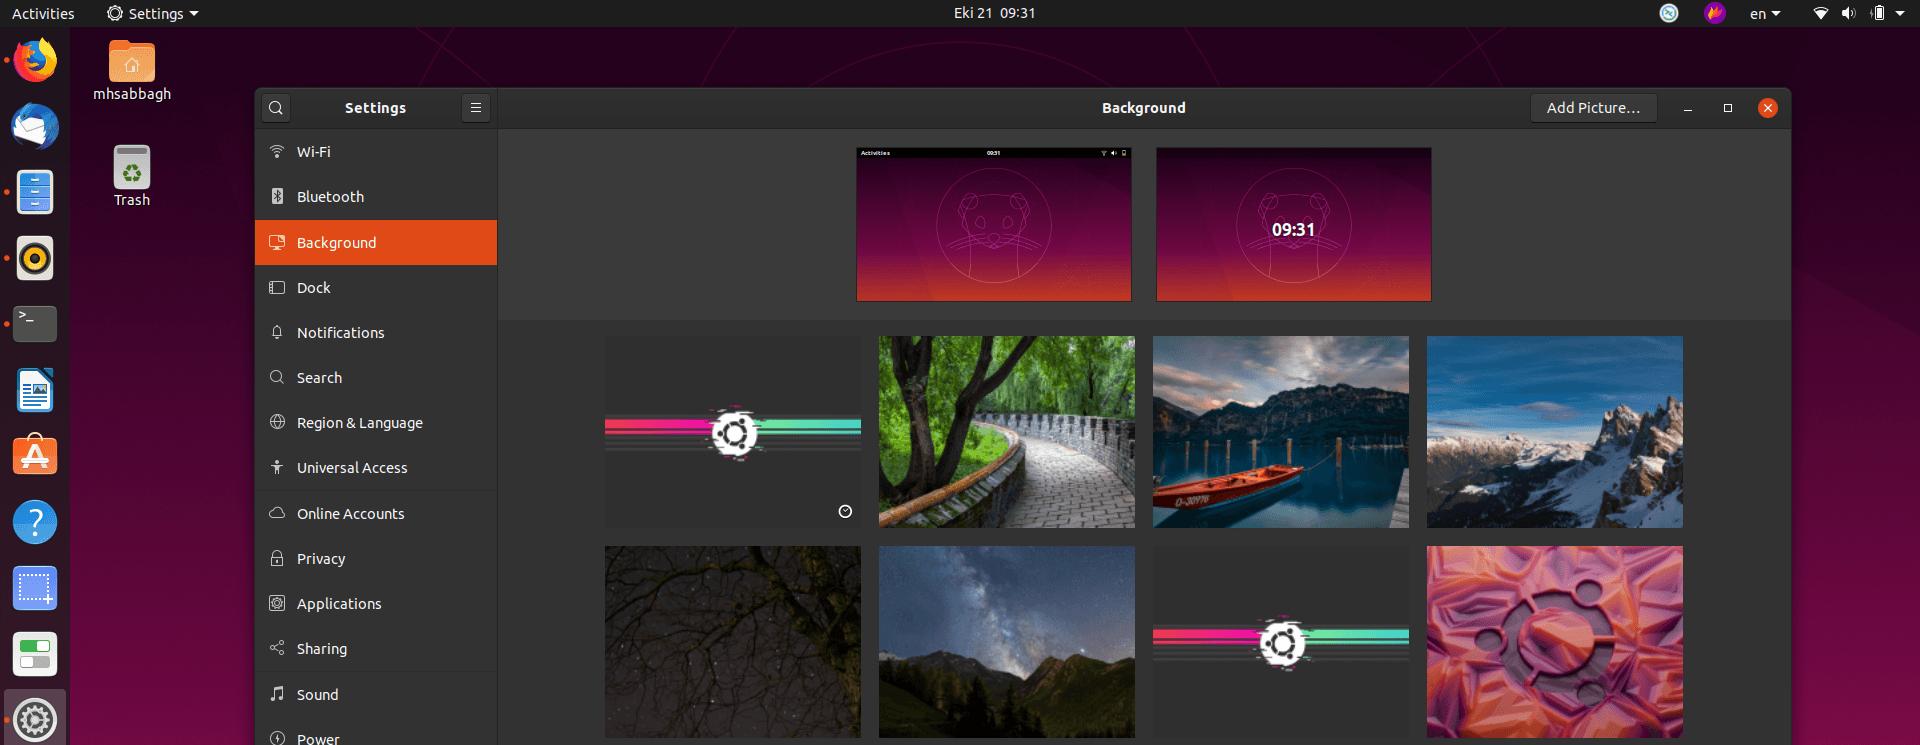 Ubuntu 19.10 161 October 21, 2019